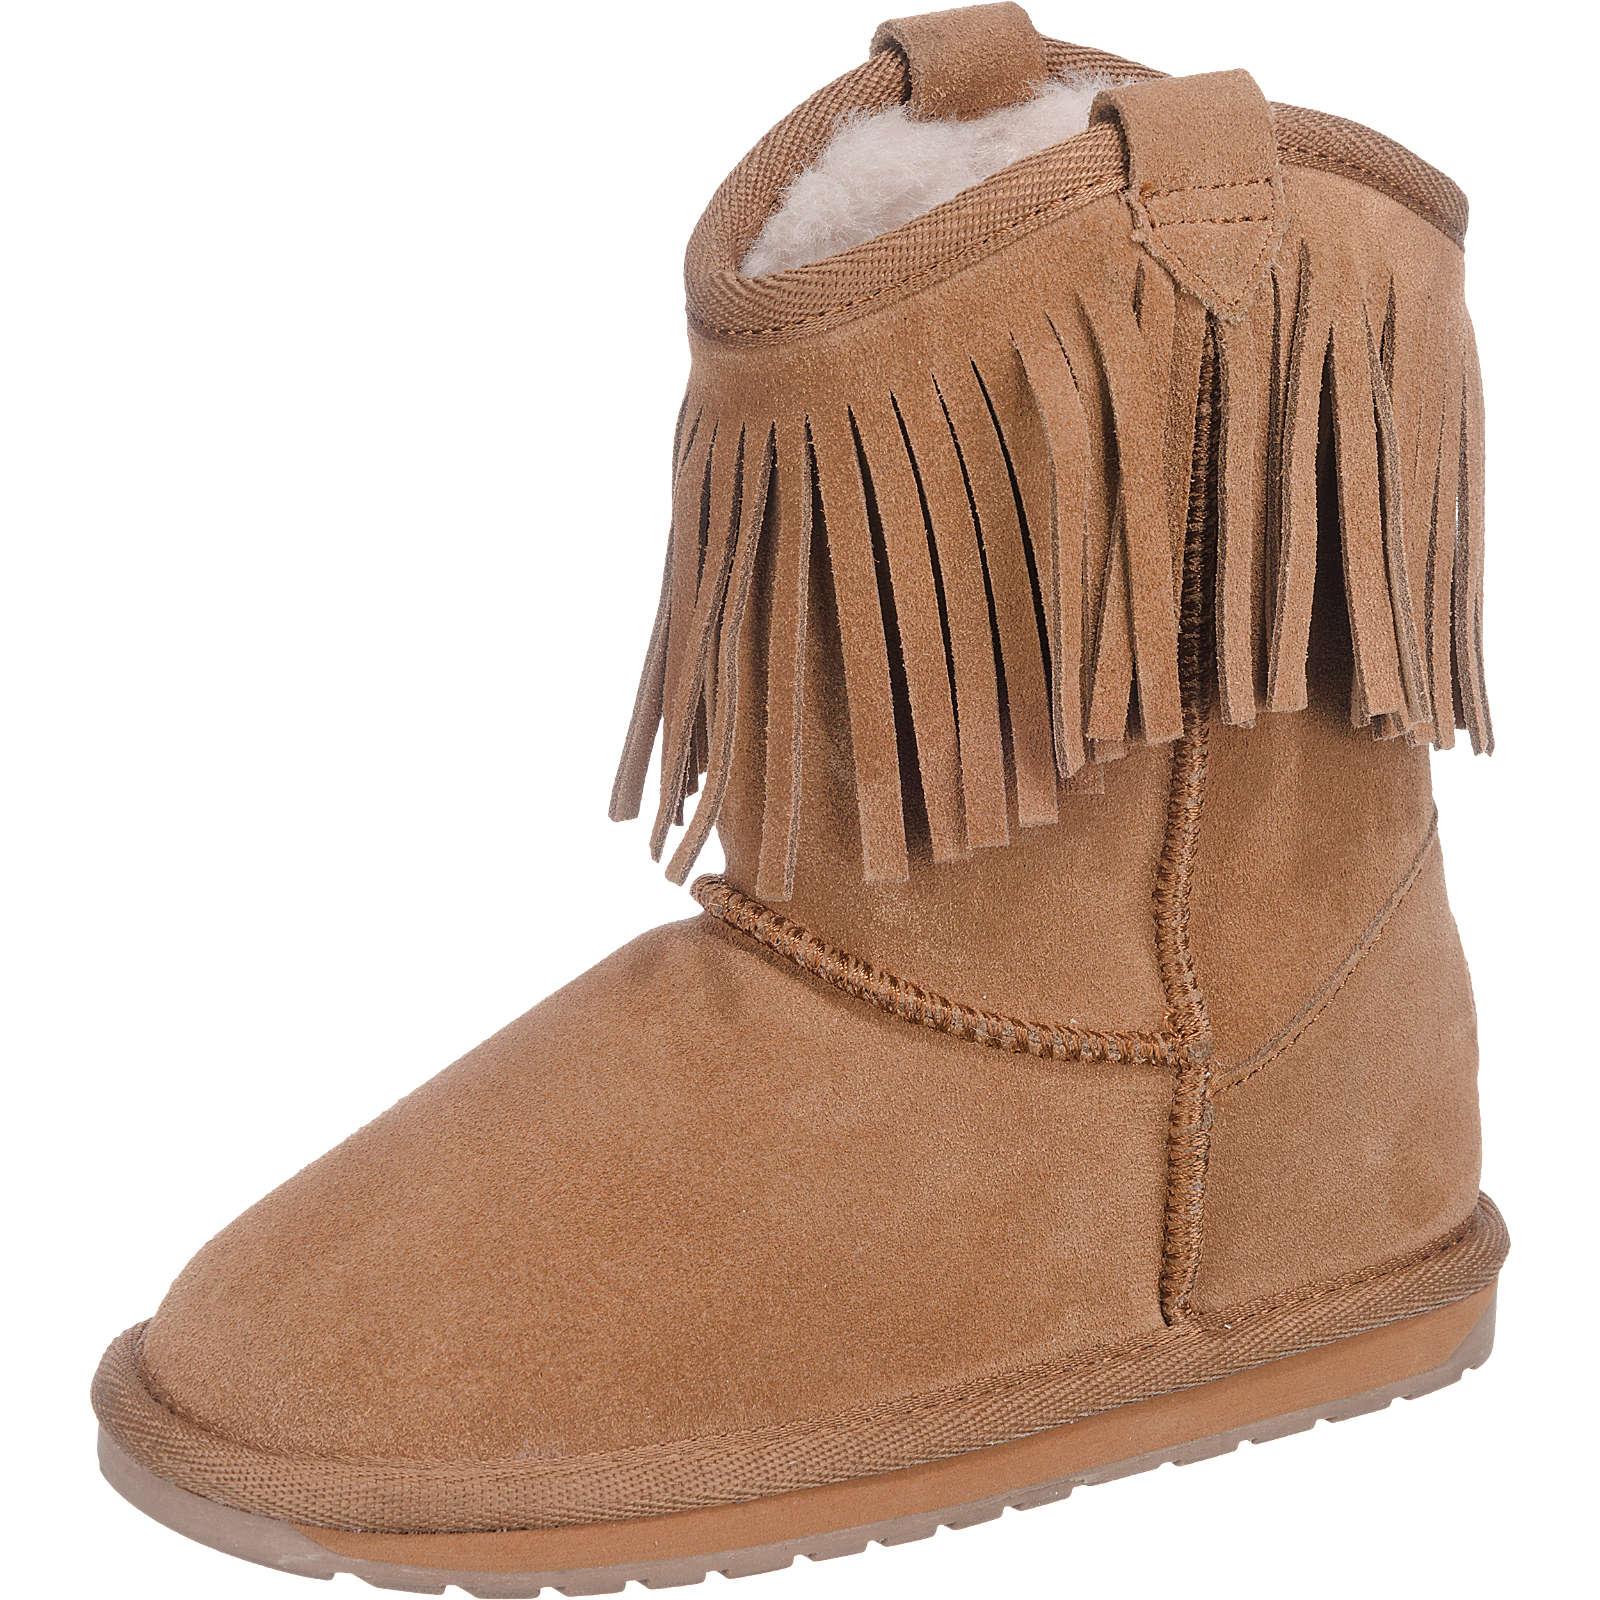 EMU Australia Winterstiefel Glaziers Kids für Mädchen hellbraun Gr. 28 jetztbilligerkaufen